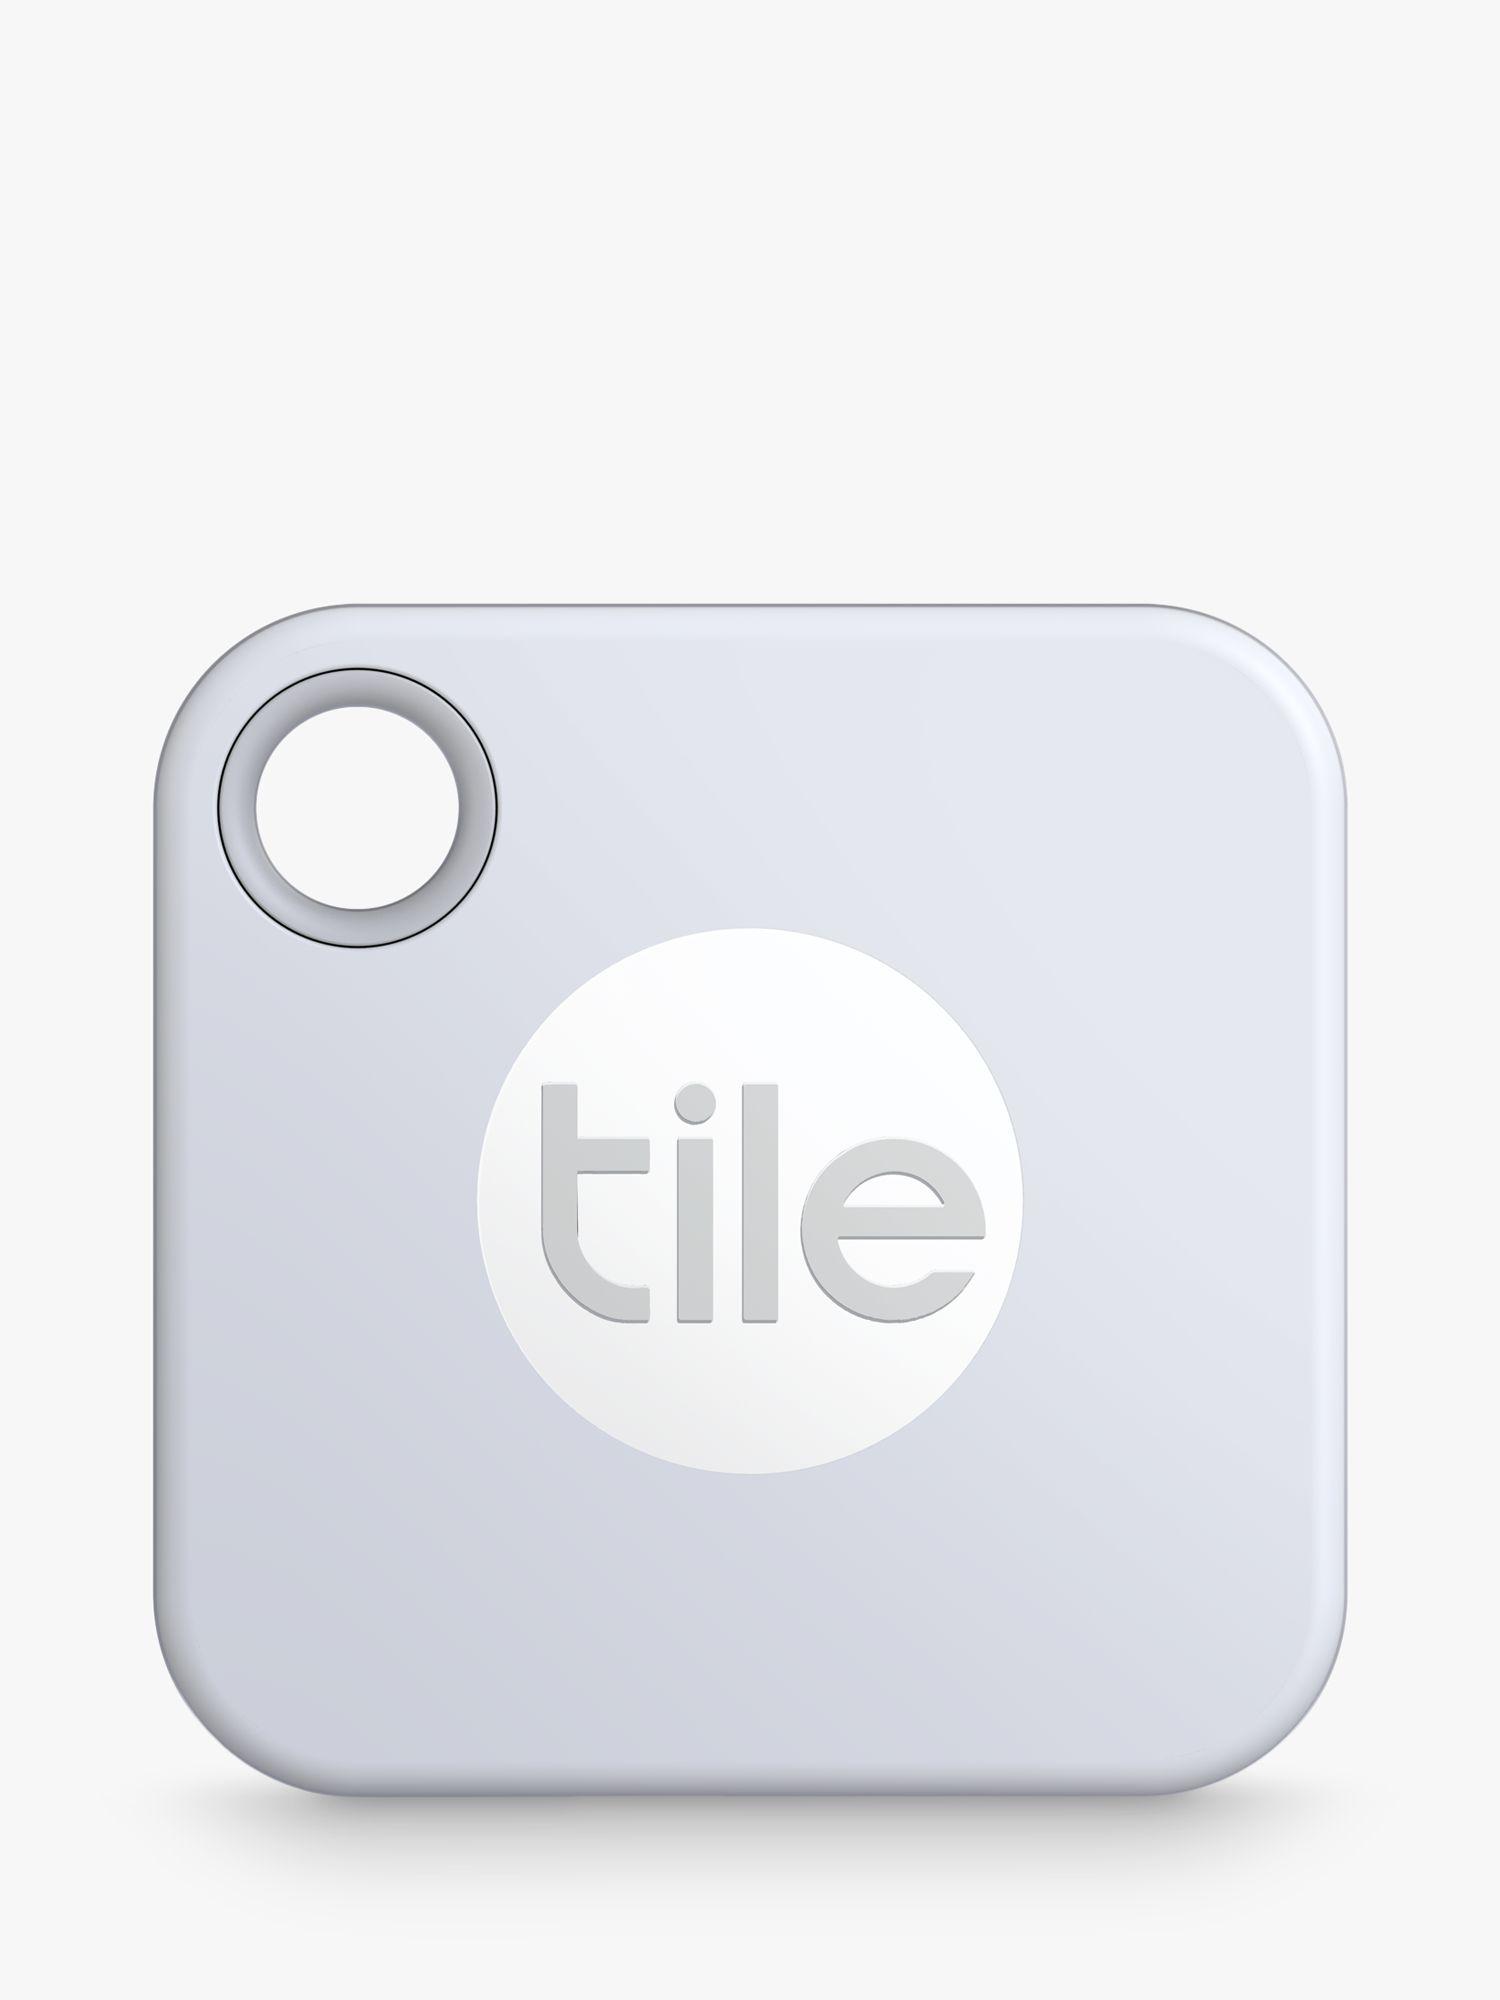 tile mate 2020 bluetooth phone keys item finder 1 pack